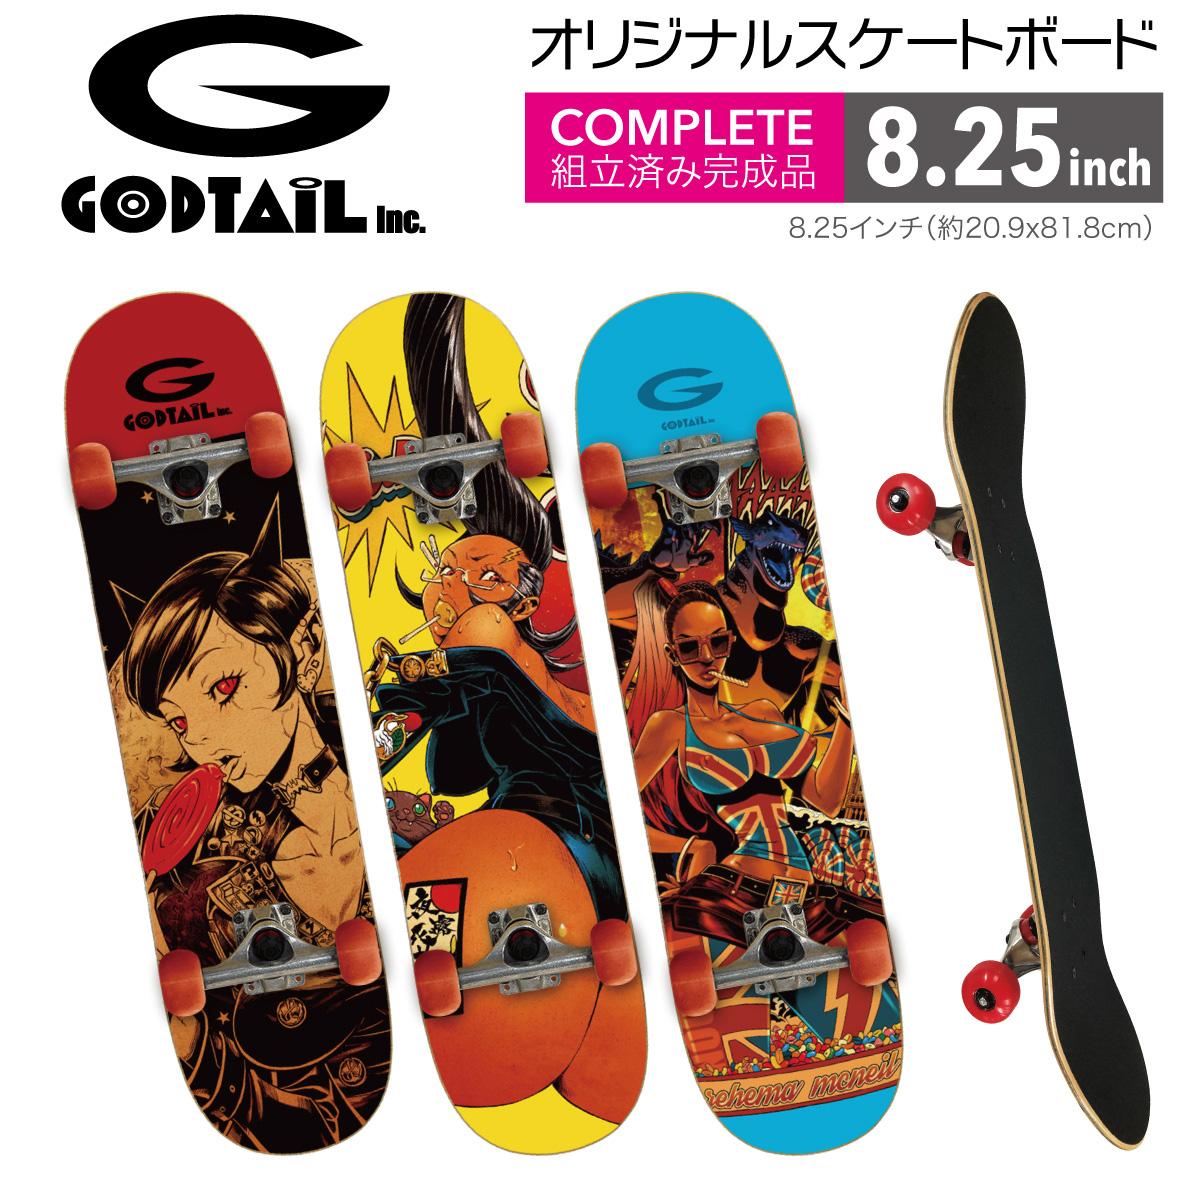 スケートボード スケボー コンプリート セット デッキ 初心者 上級者 おすすめ GODTAIL 129-sb01-2